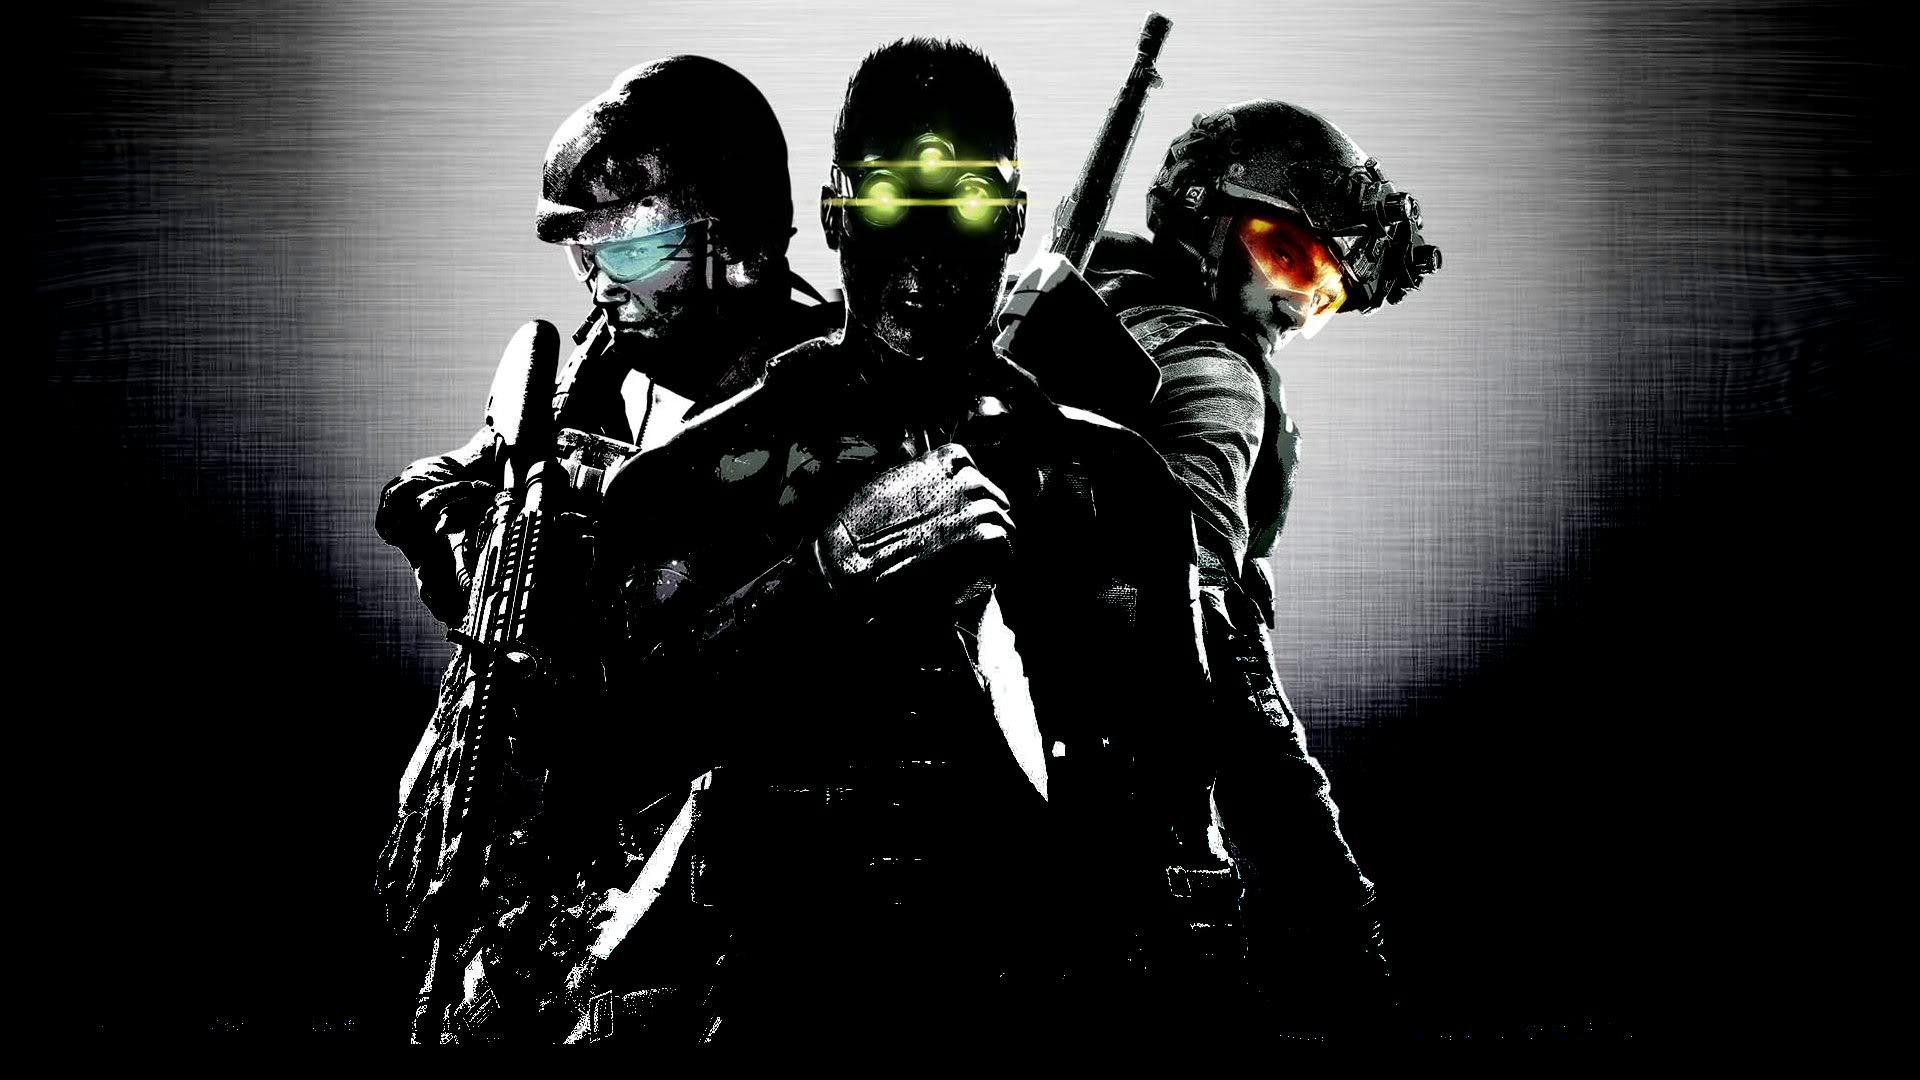 Modern Warfare Ghost Wallpaper Hd